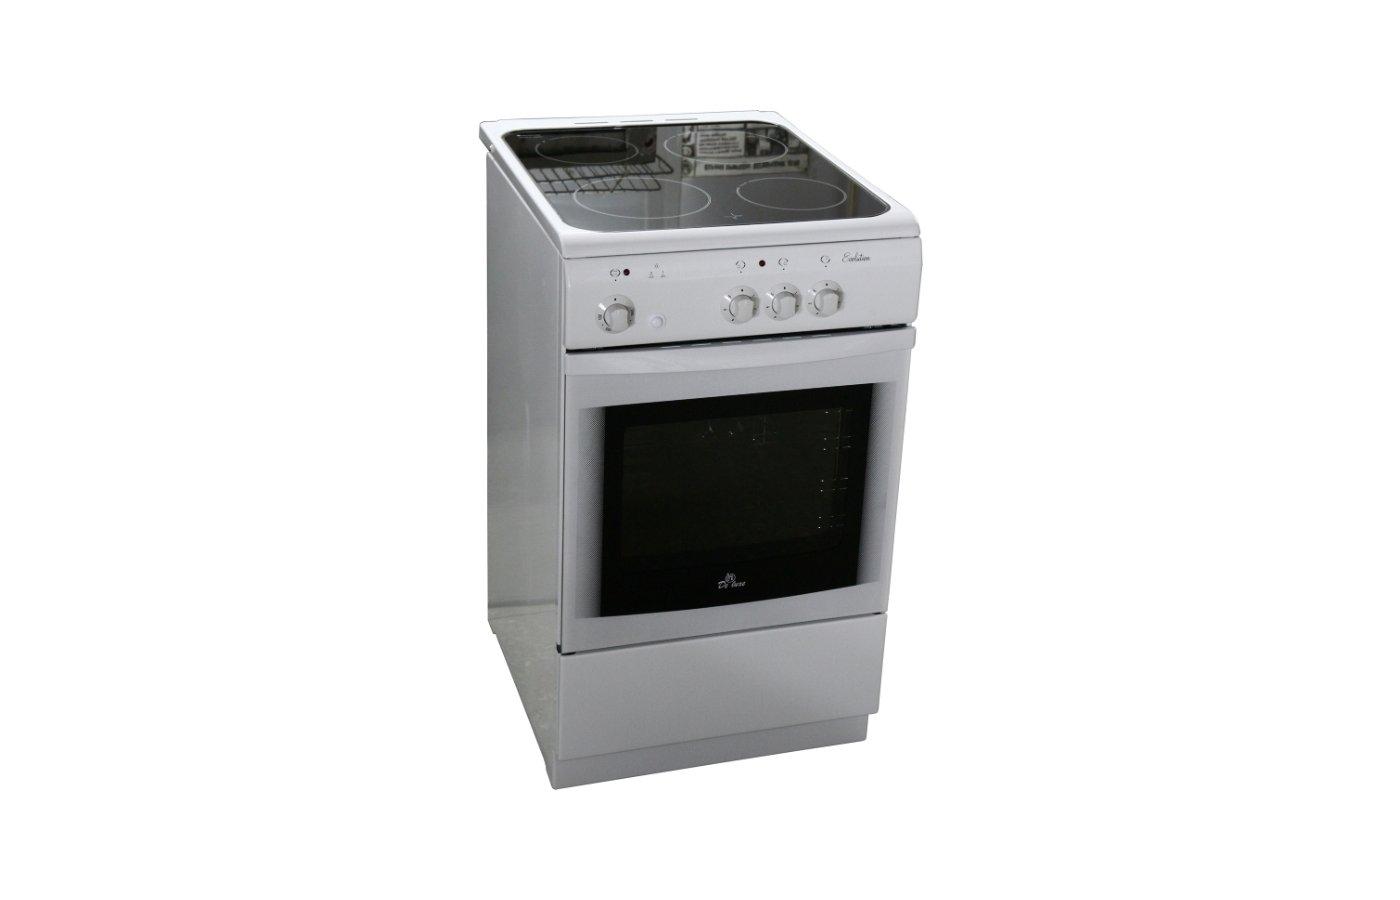 Плита электрическая DELUXE 506003.04 ЭС белая